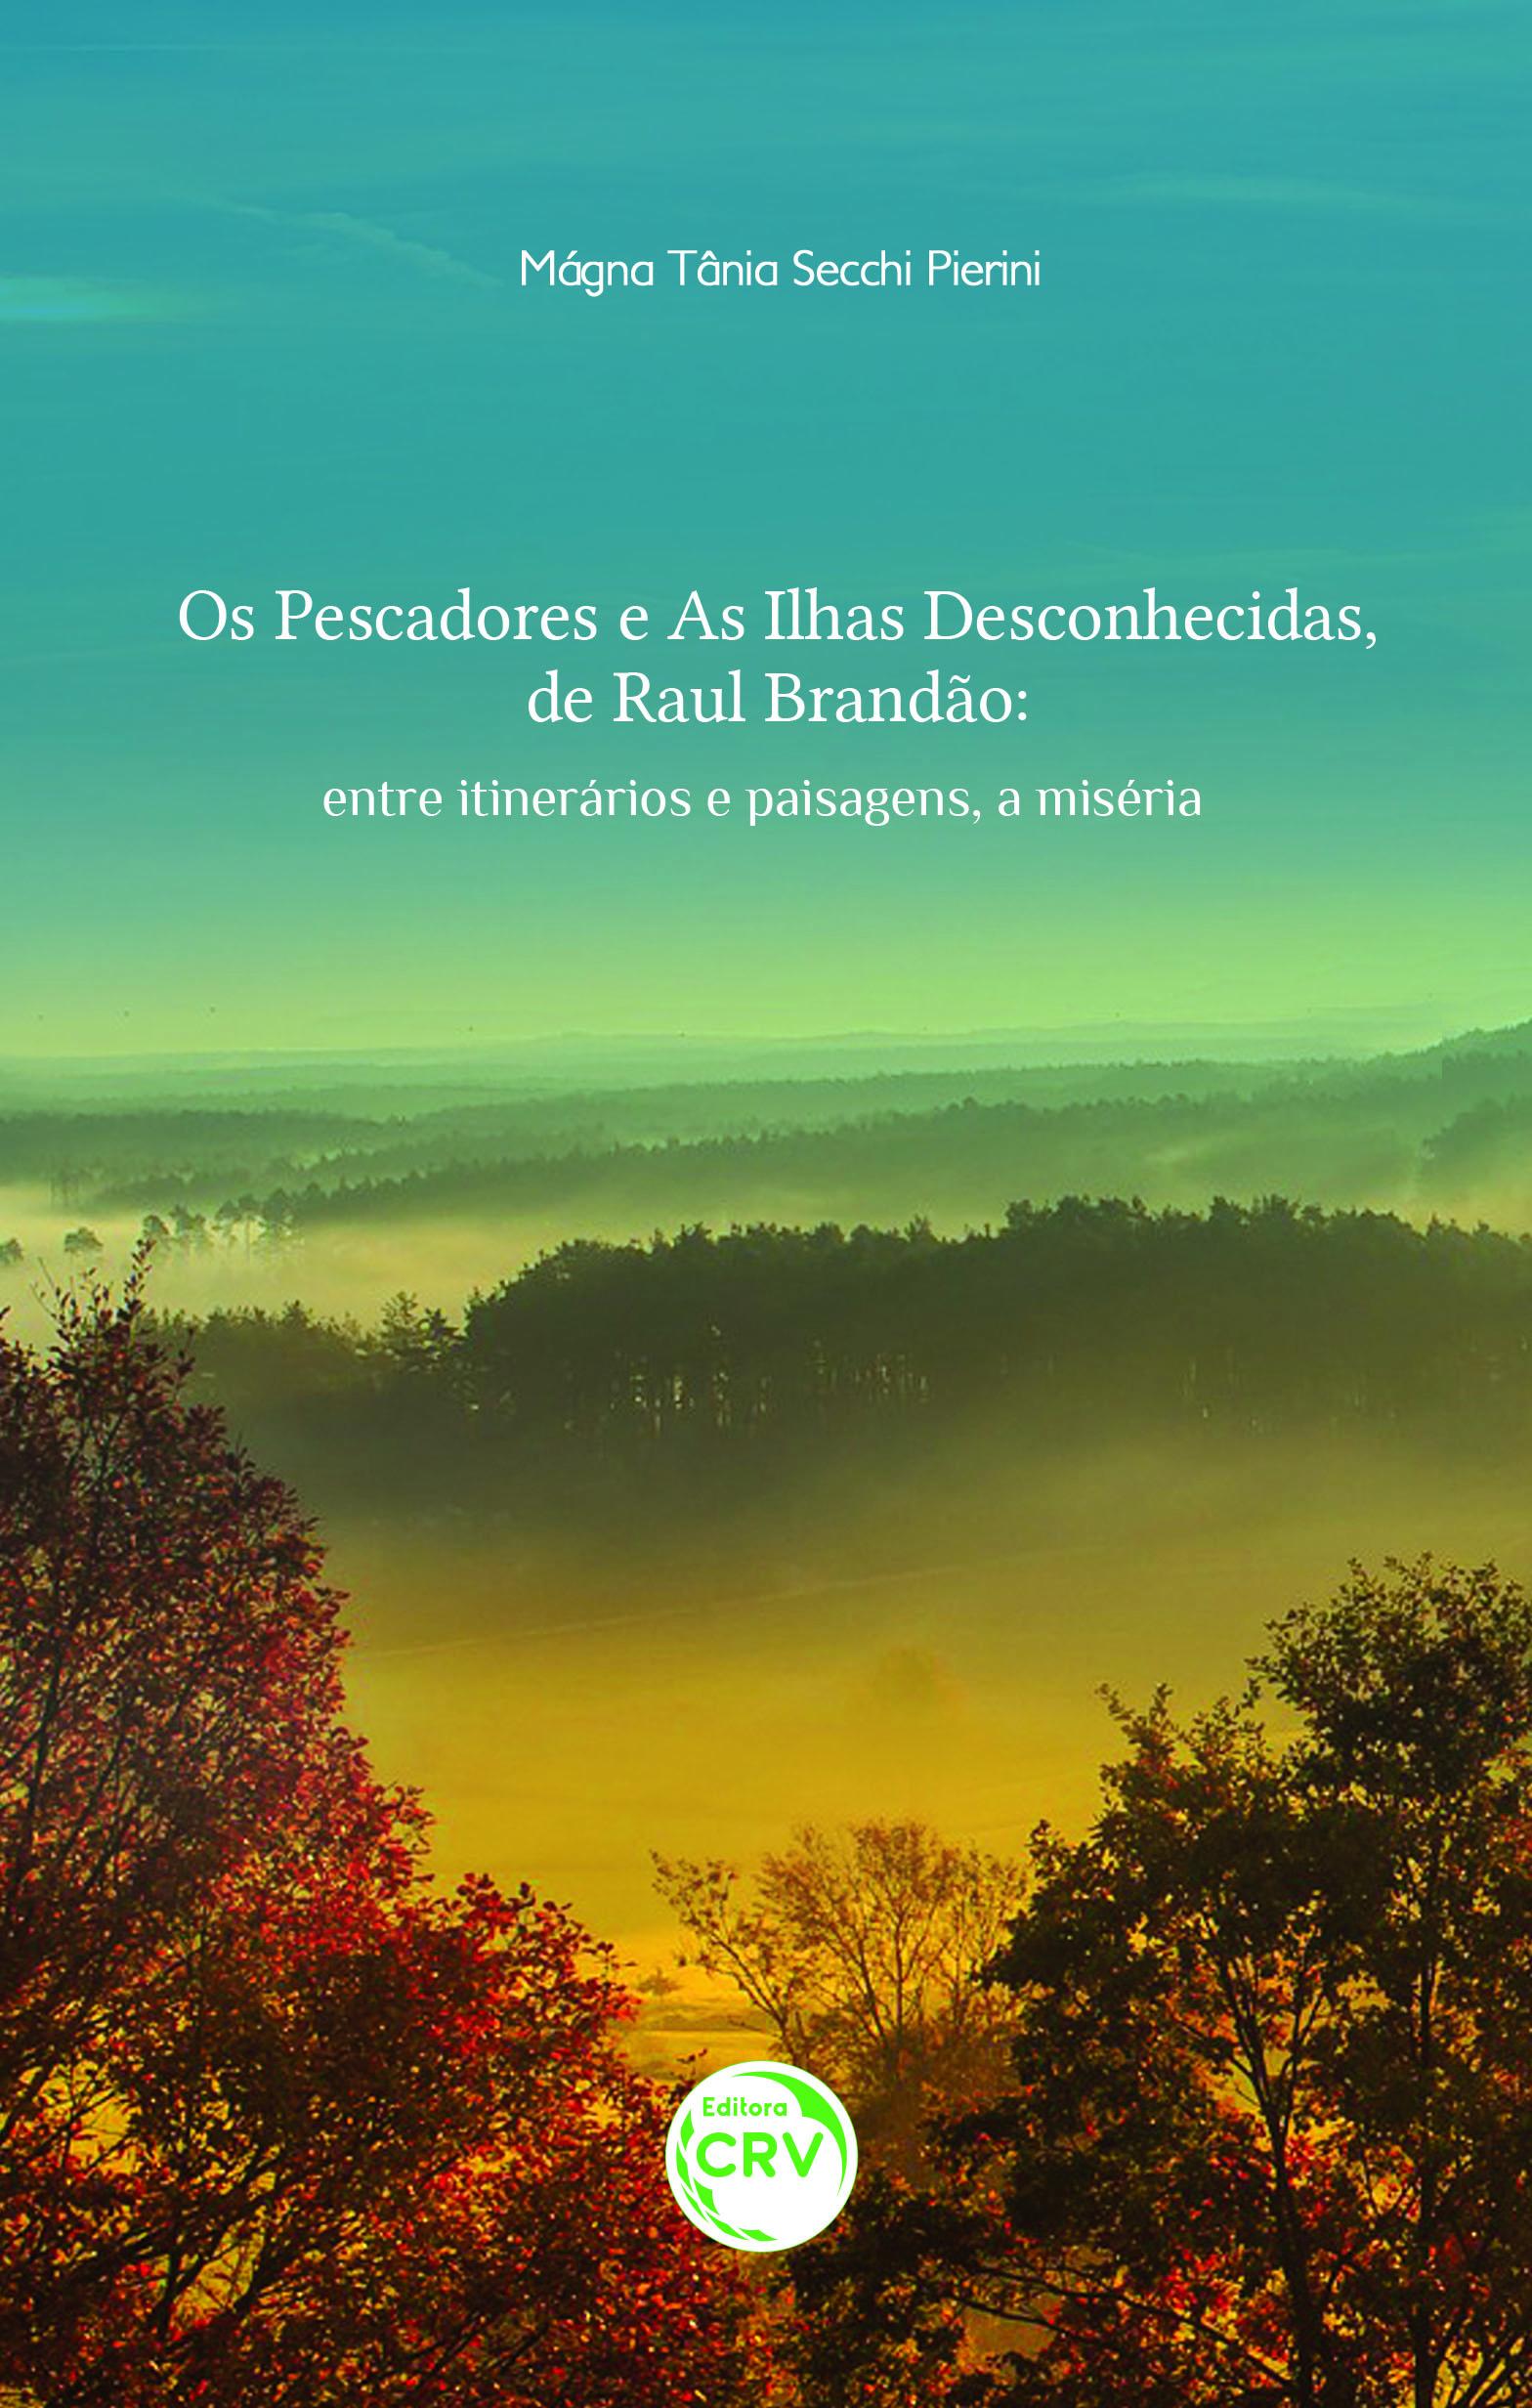 Capa do livro: OS PESCADORES E AS ILHAS DESCONHECIDAS, DE RAUL BRANDÃO:<br> entre itinerários e paisagens, a miséria